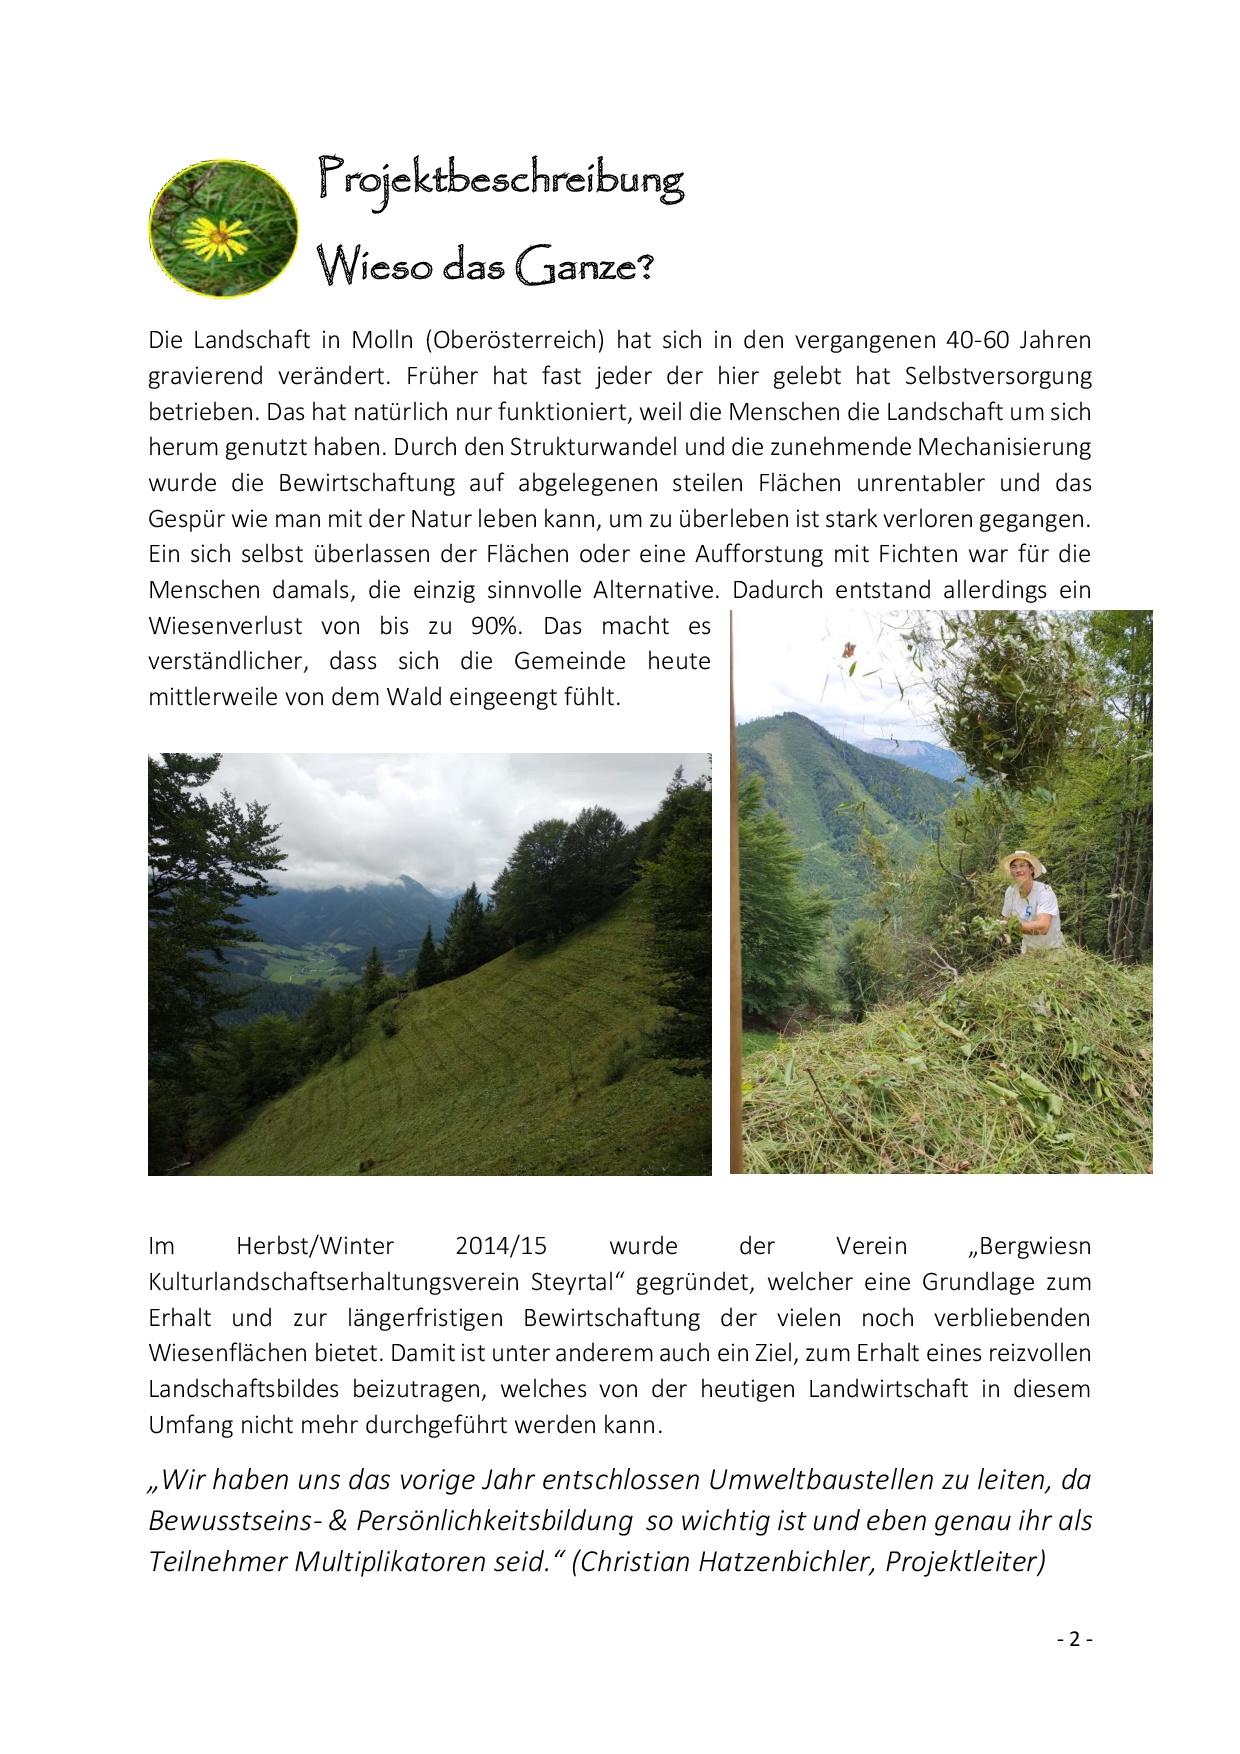 Projektdokumentation_Bergwiesn-Heign2_ÖAV_2019-003